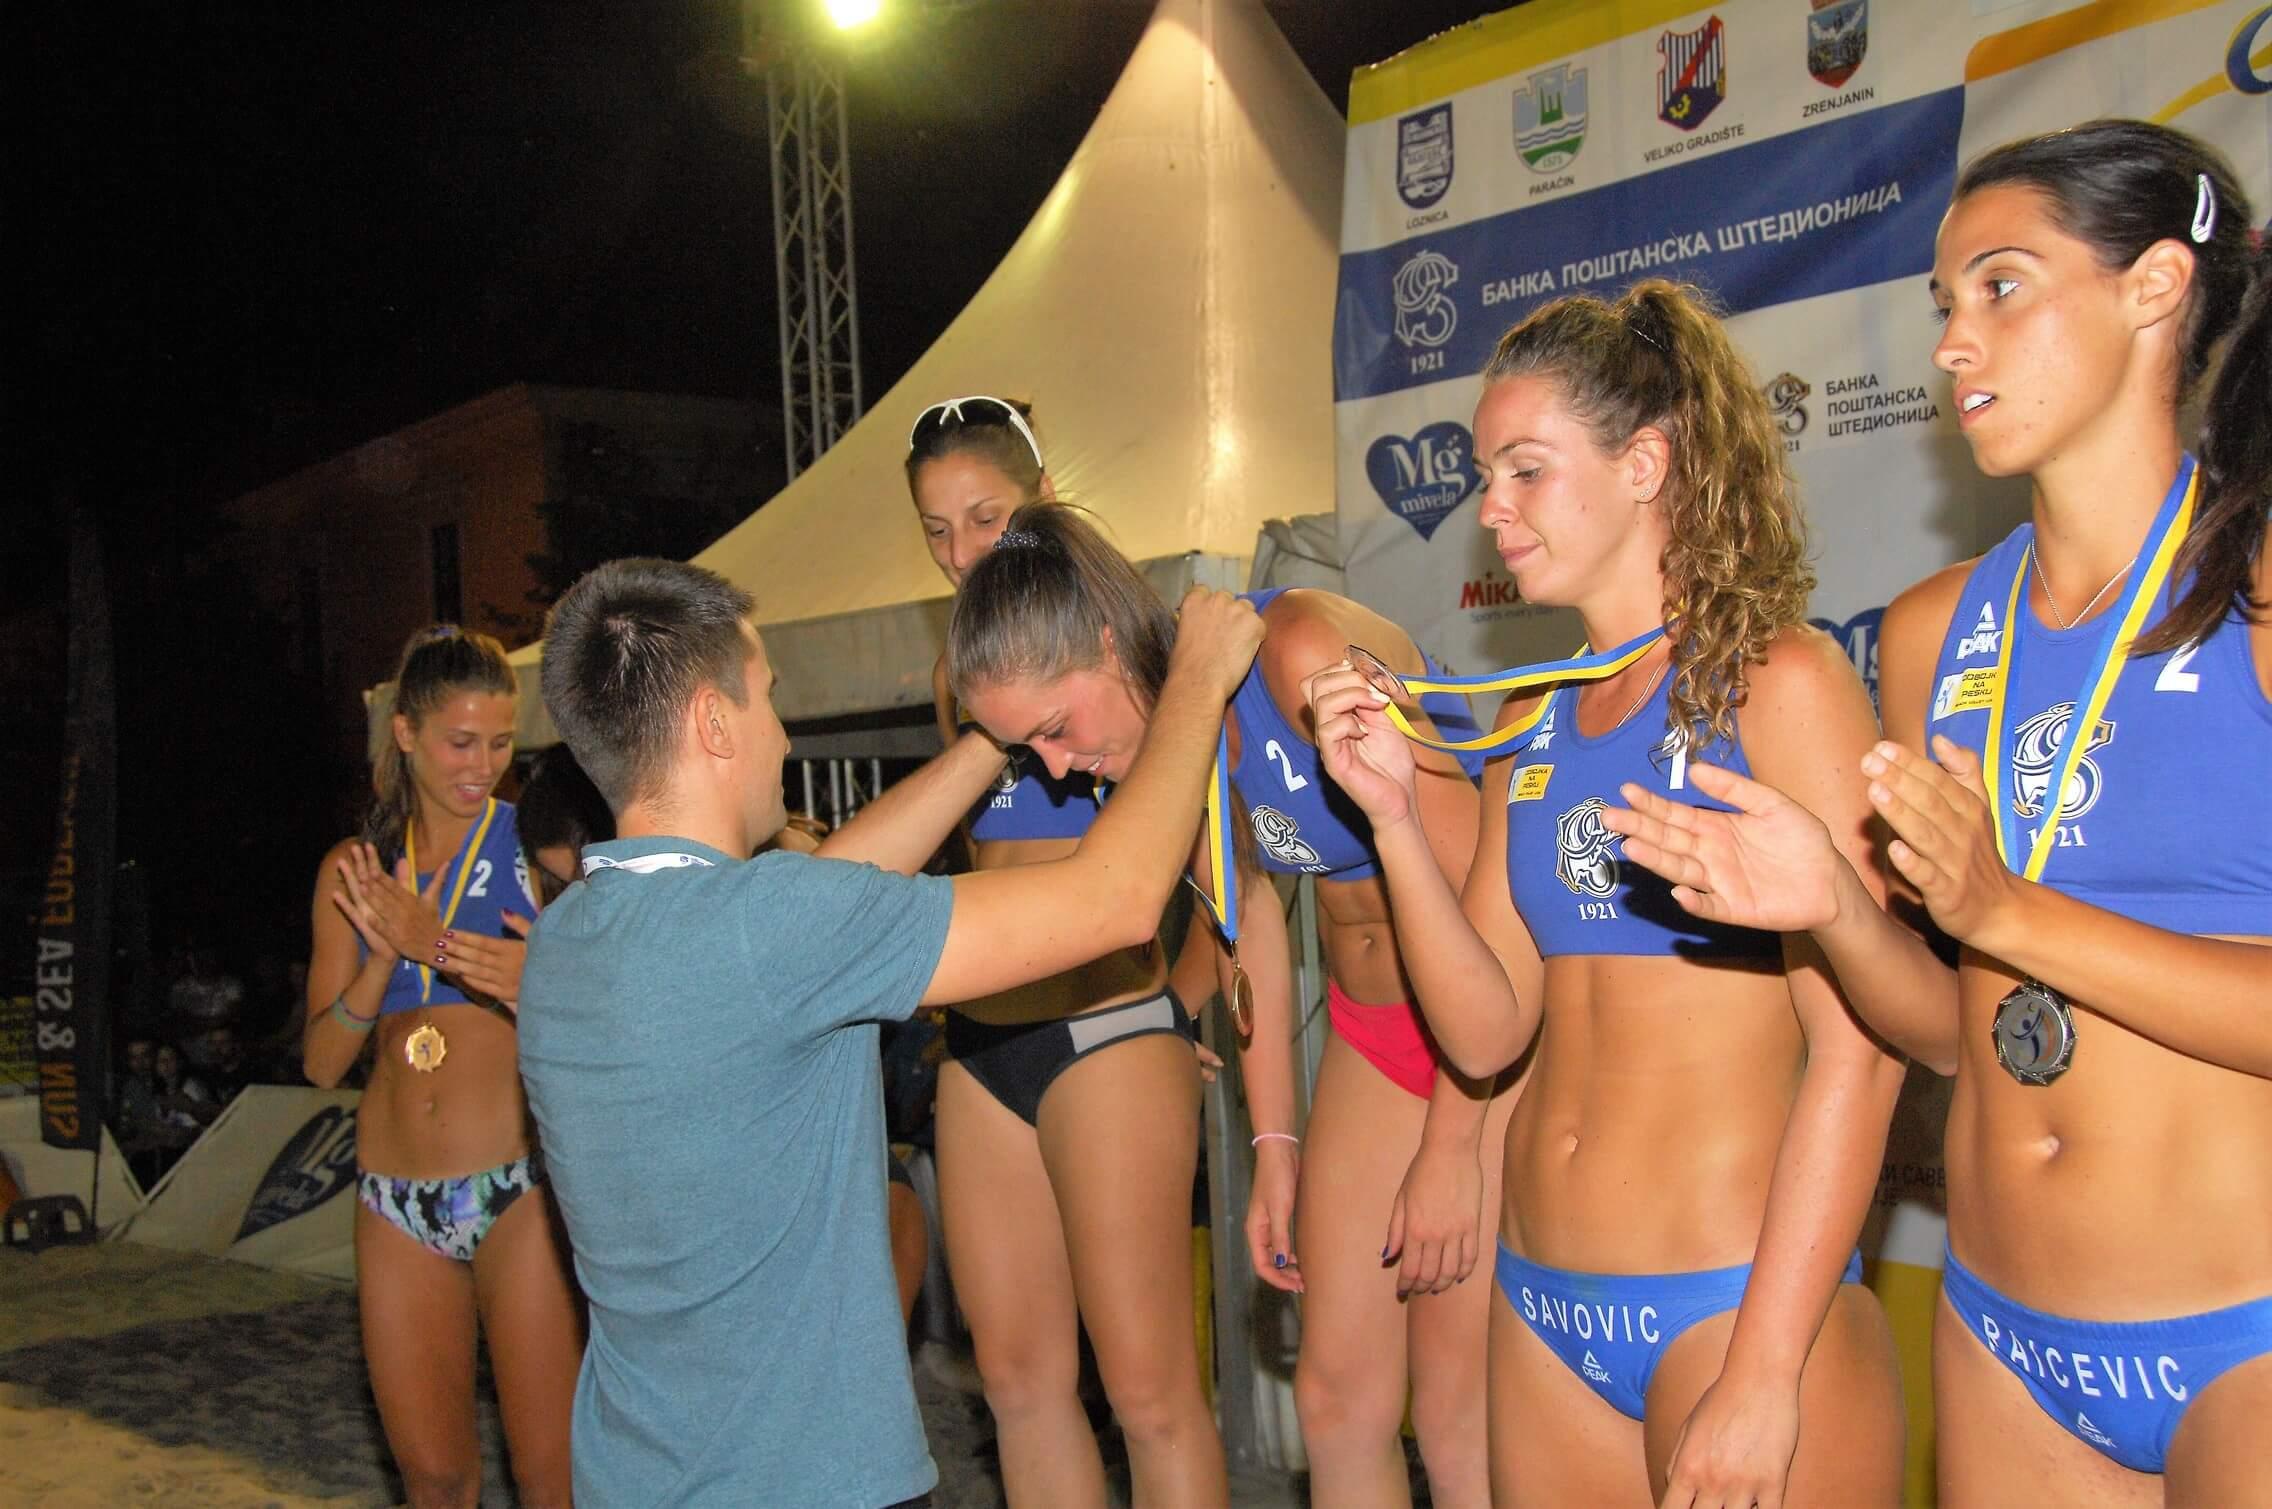 Заменик градоначелнице Антонио Ратковић, додељује медаље најбољим одбојкашицама